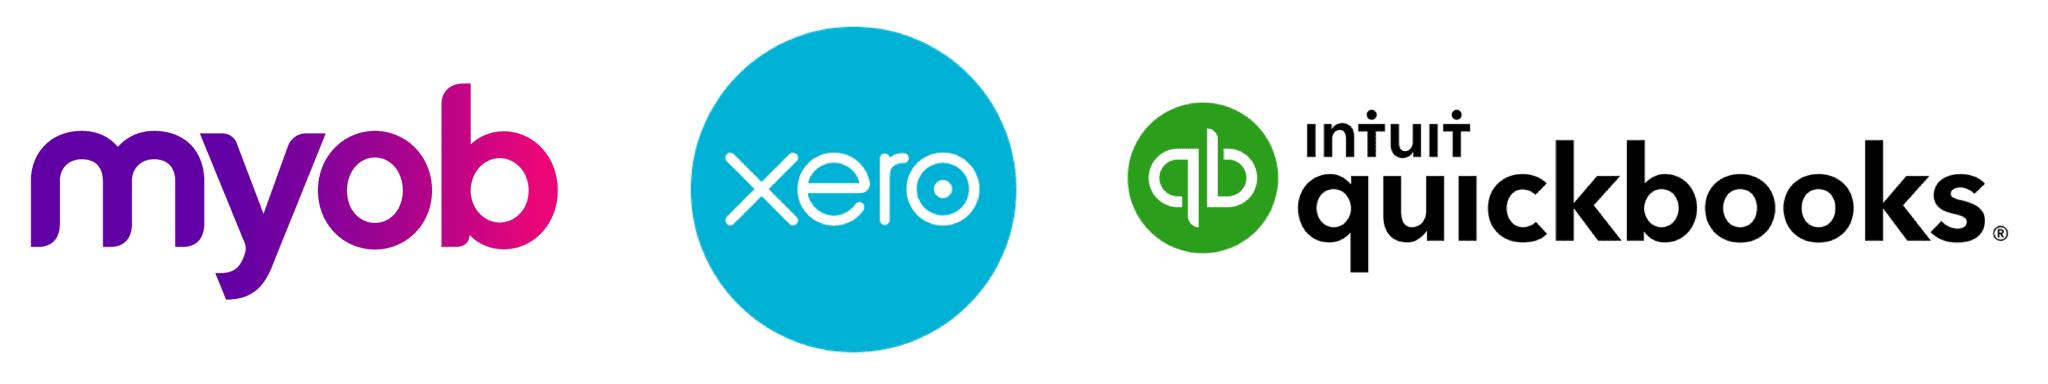 Payroll Xero MYOB Quickbooks